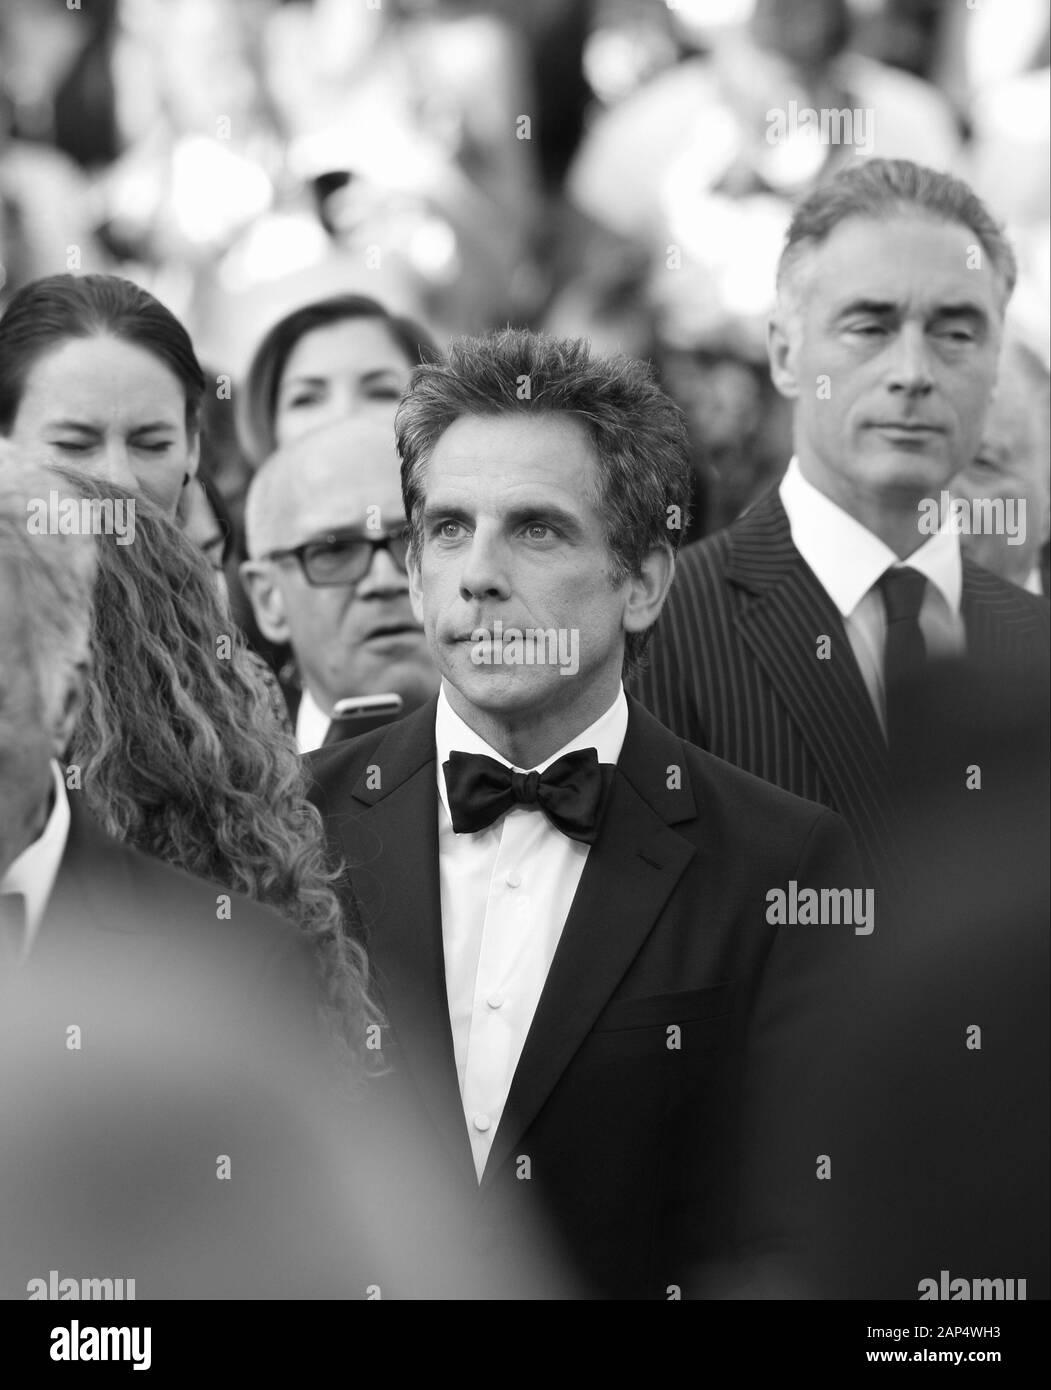 Ben Stiller assiste le storie di Meyerowitz screening durante il settantesimo annuale di Cannes Film Festival presso il Palais des Festivals il 21 maggio 2017 a Cannes, Francia. Foto Stock